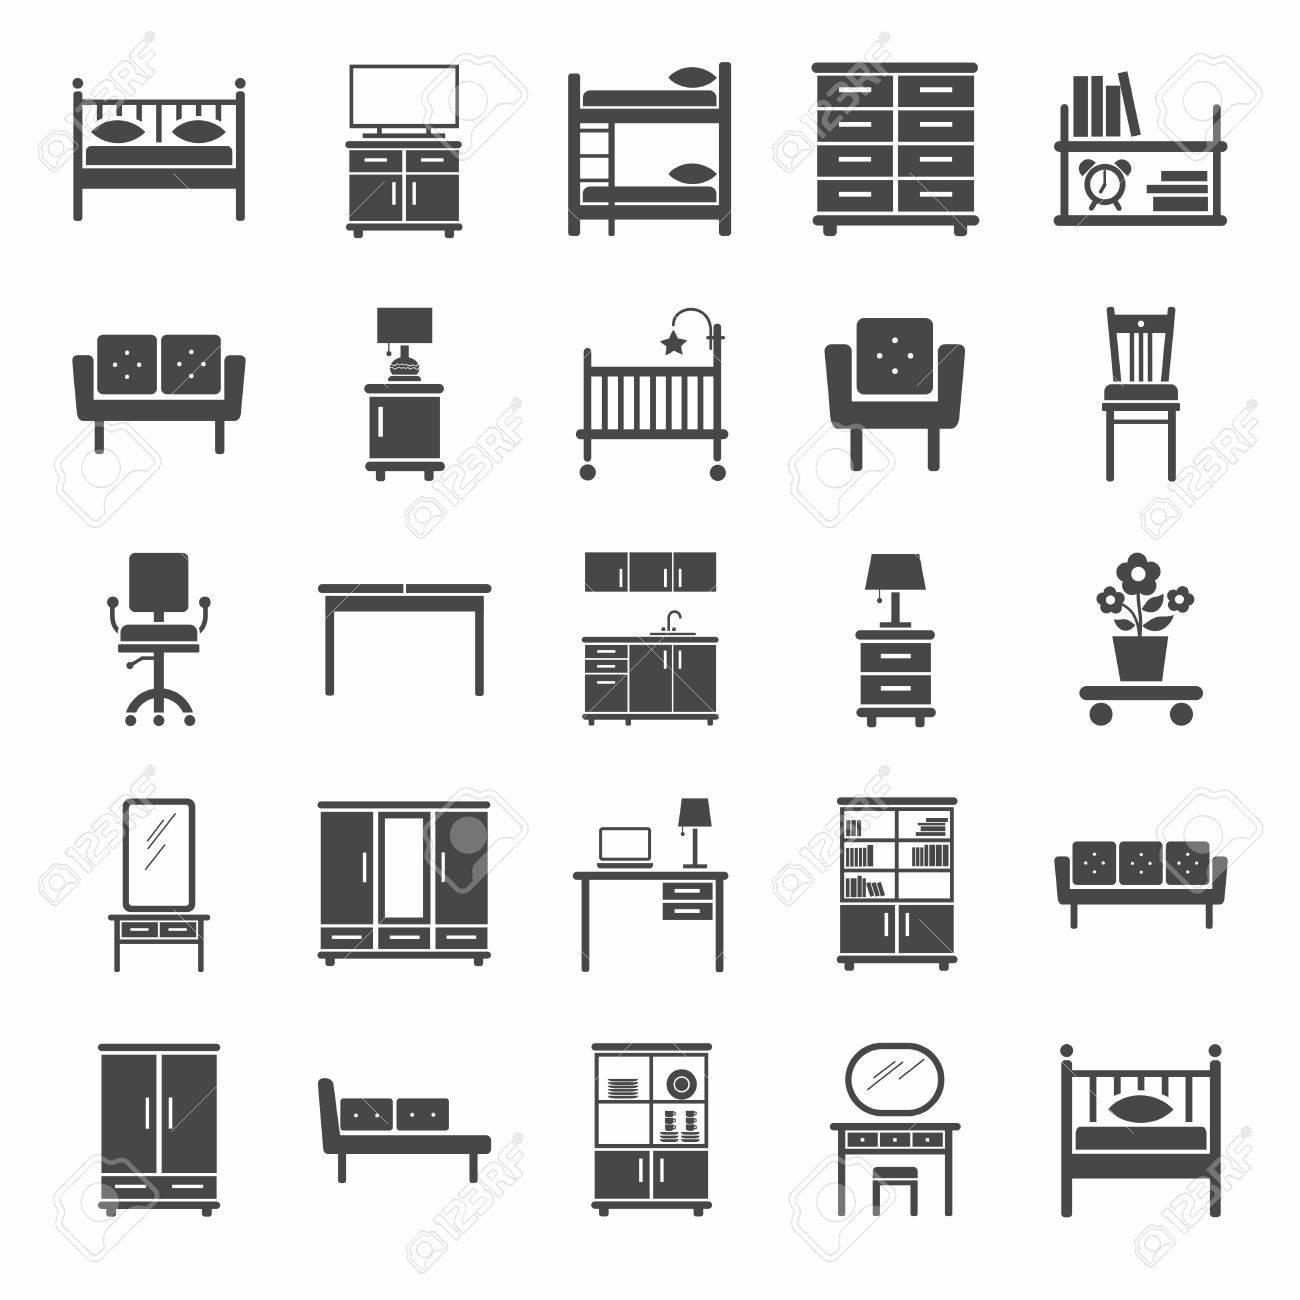 muebles iconos blanco y negro iconos de vector de muebles modernos para el